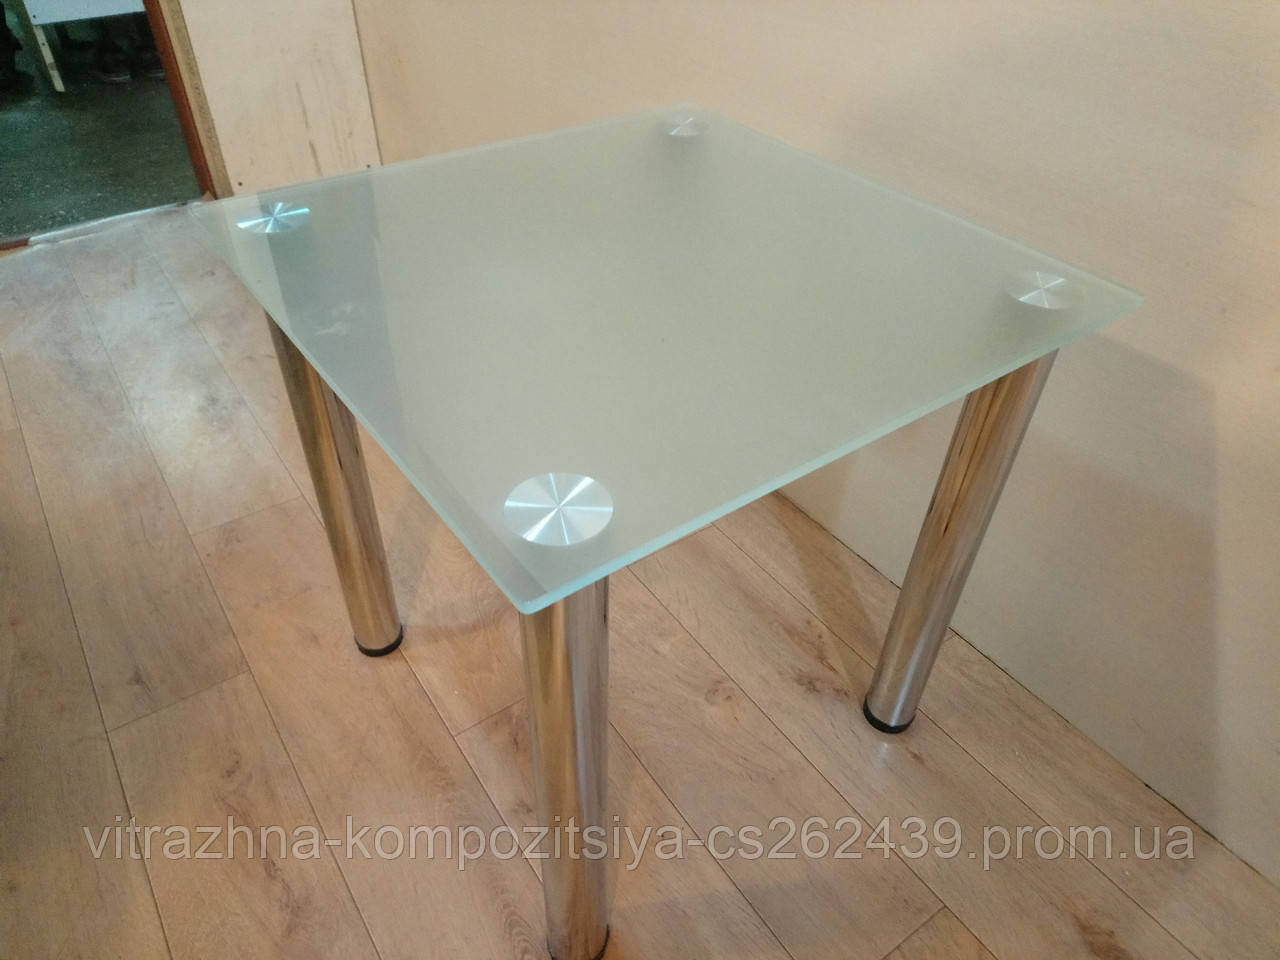 Кофейный стеклянный столик  Квадро-2 матовый 60×60×50 см